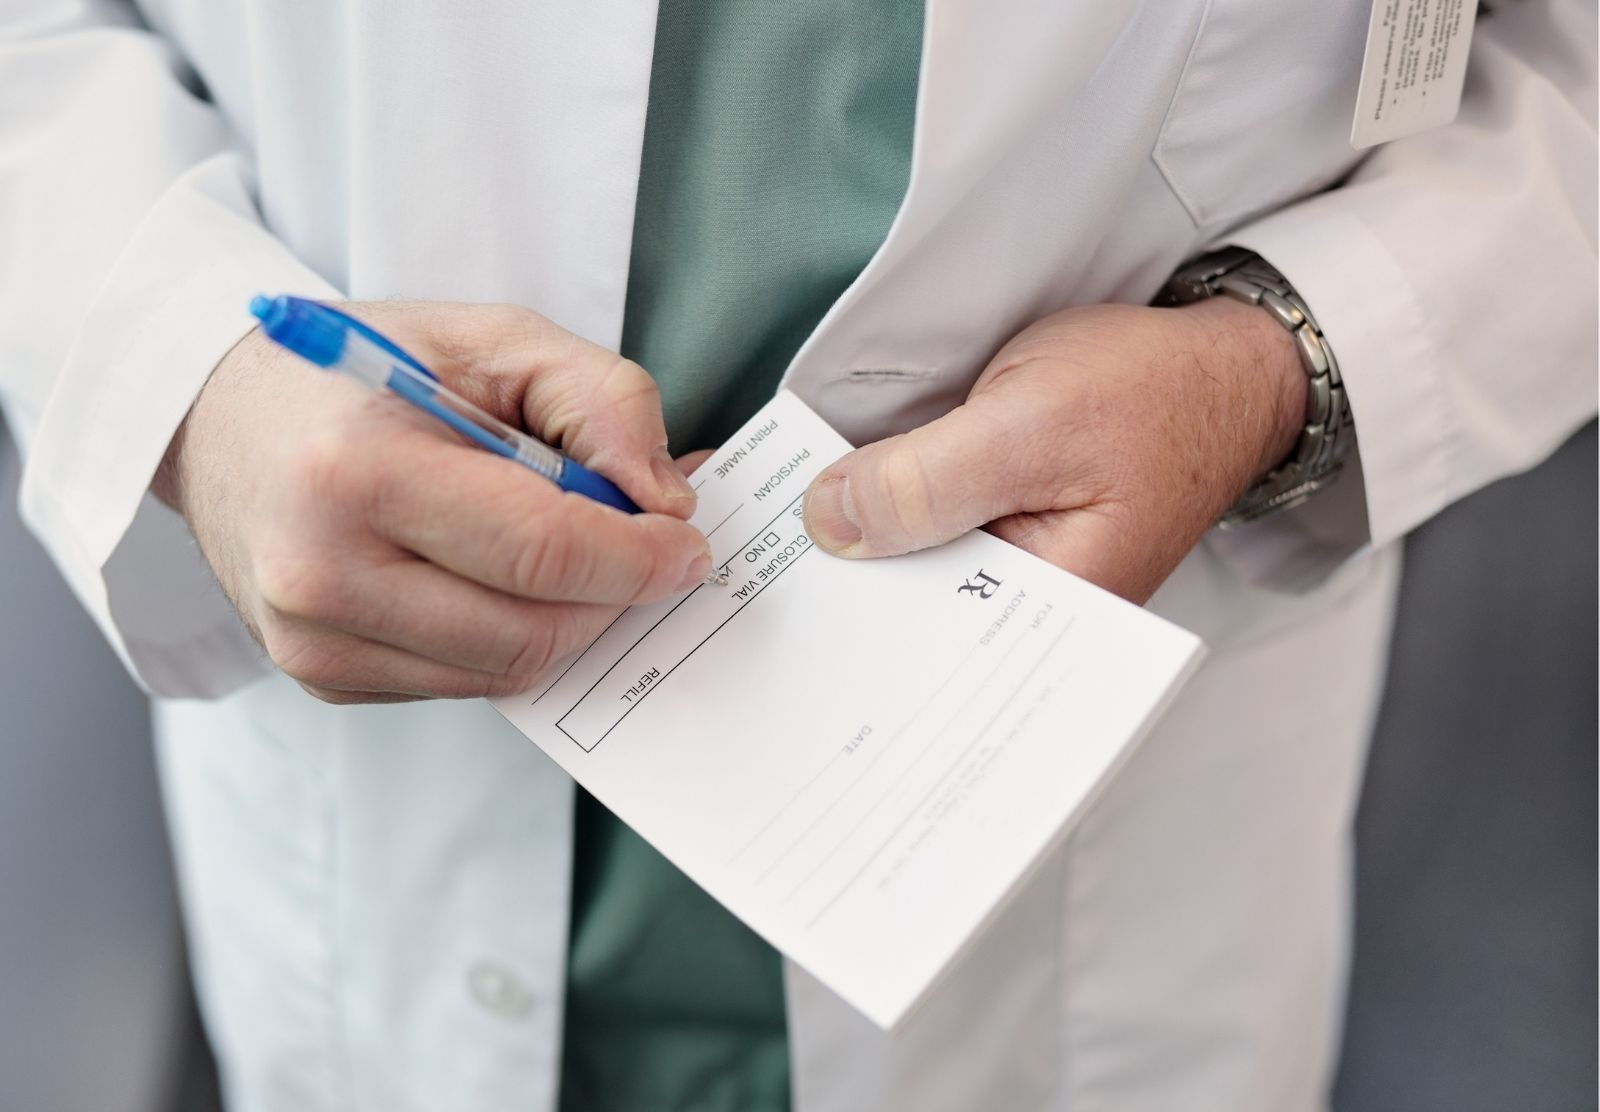 Hay que seguir siempre las recomendaciones del médico o el veterinario a la hora de tomar antibióticos